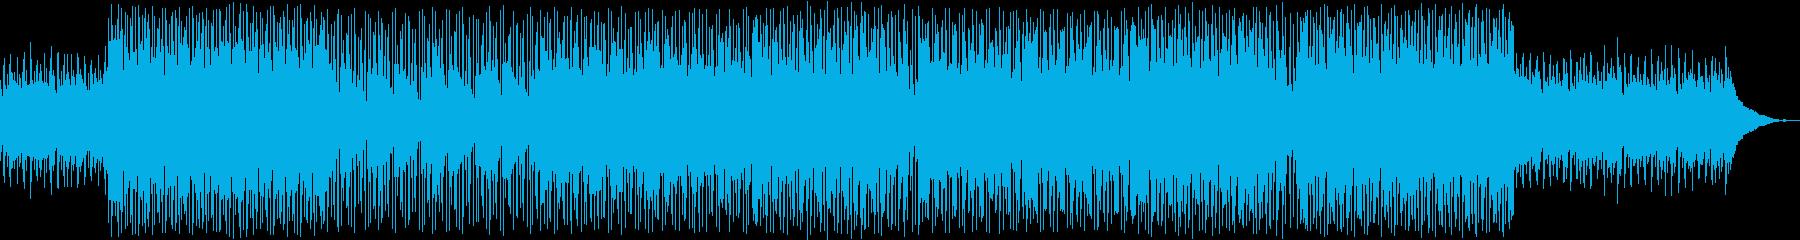 可愛い・ほのぼの・元気の再生済みの波形